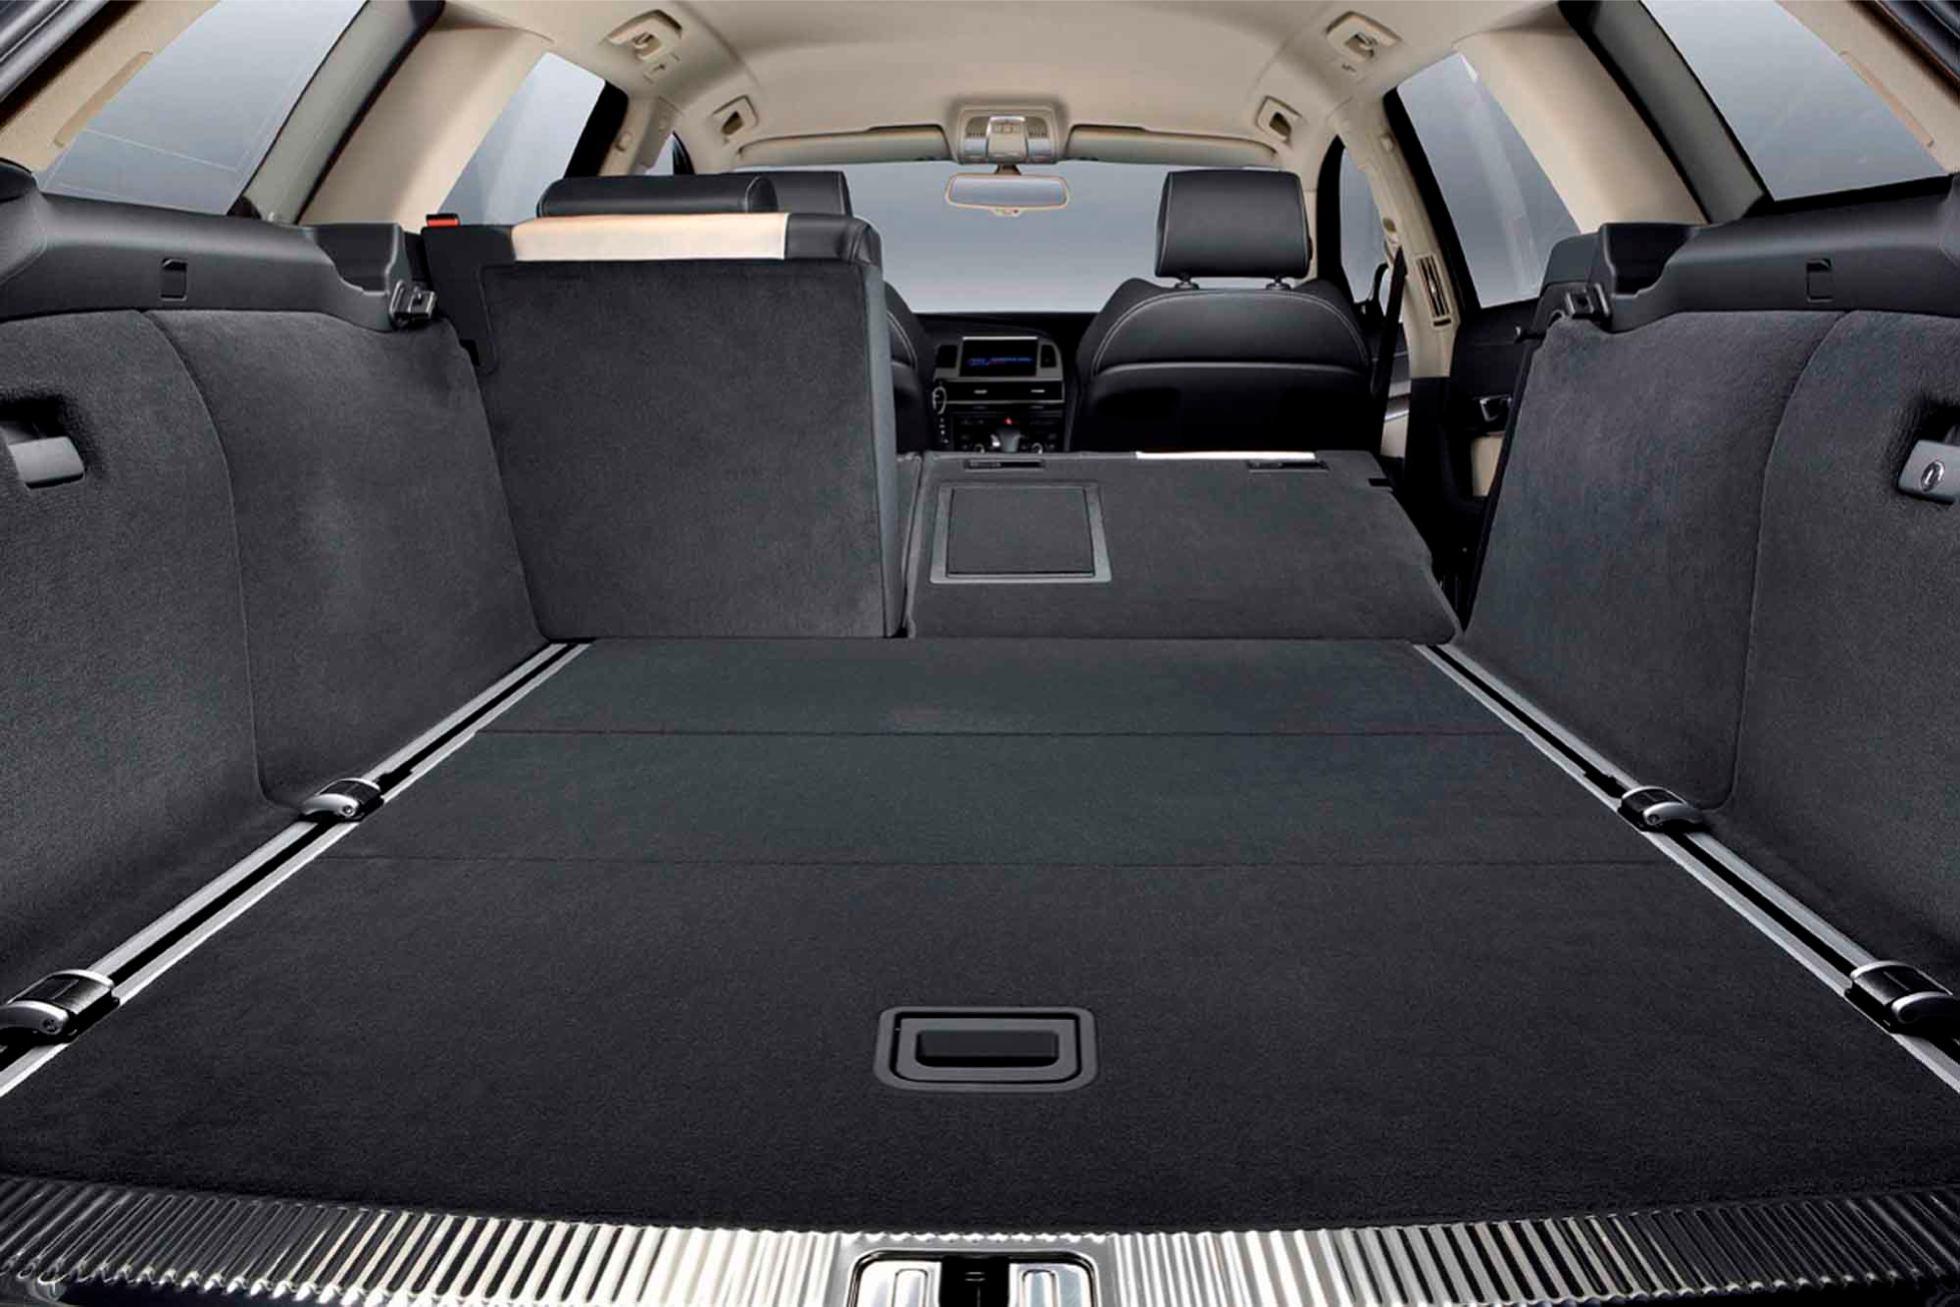 Audi  A6 AVANT 2009    http://www.voiturepourlui.com/images/Audi//Interieur/Audi_A6_Avant_2009_511.jpg